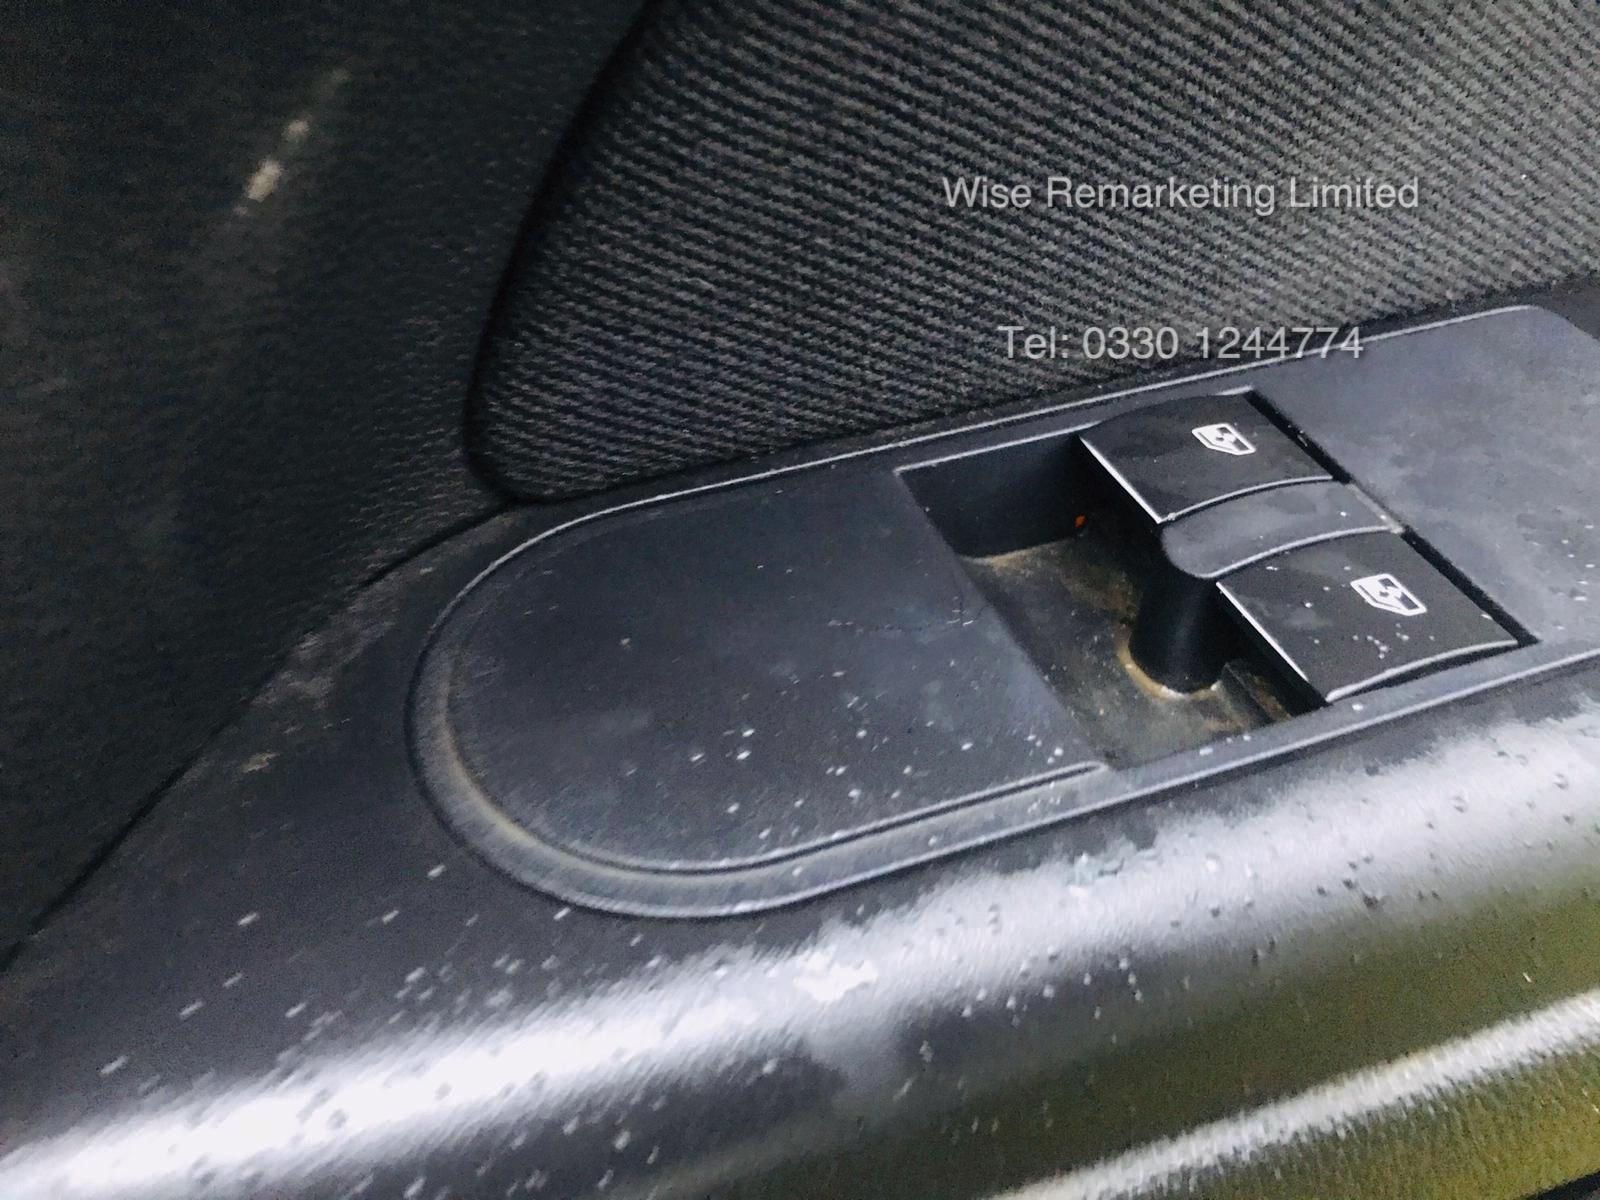 Vauxhall Astra Van 1.3 CDTi - 2011 Model - 5 Seater Crew Van - SAVE 20% NO VAT - Image 10 of 15